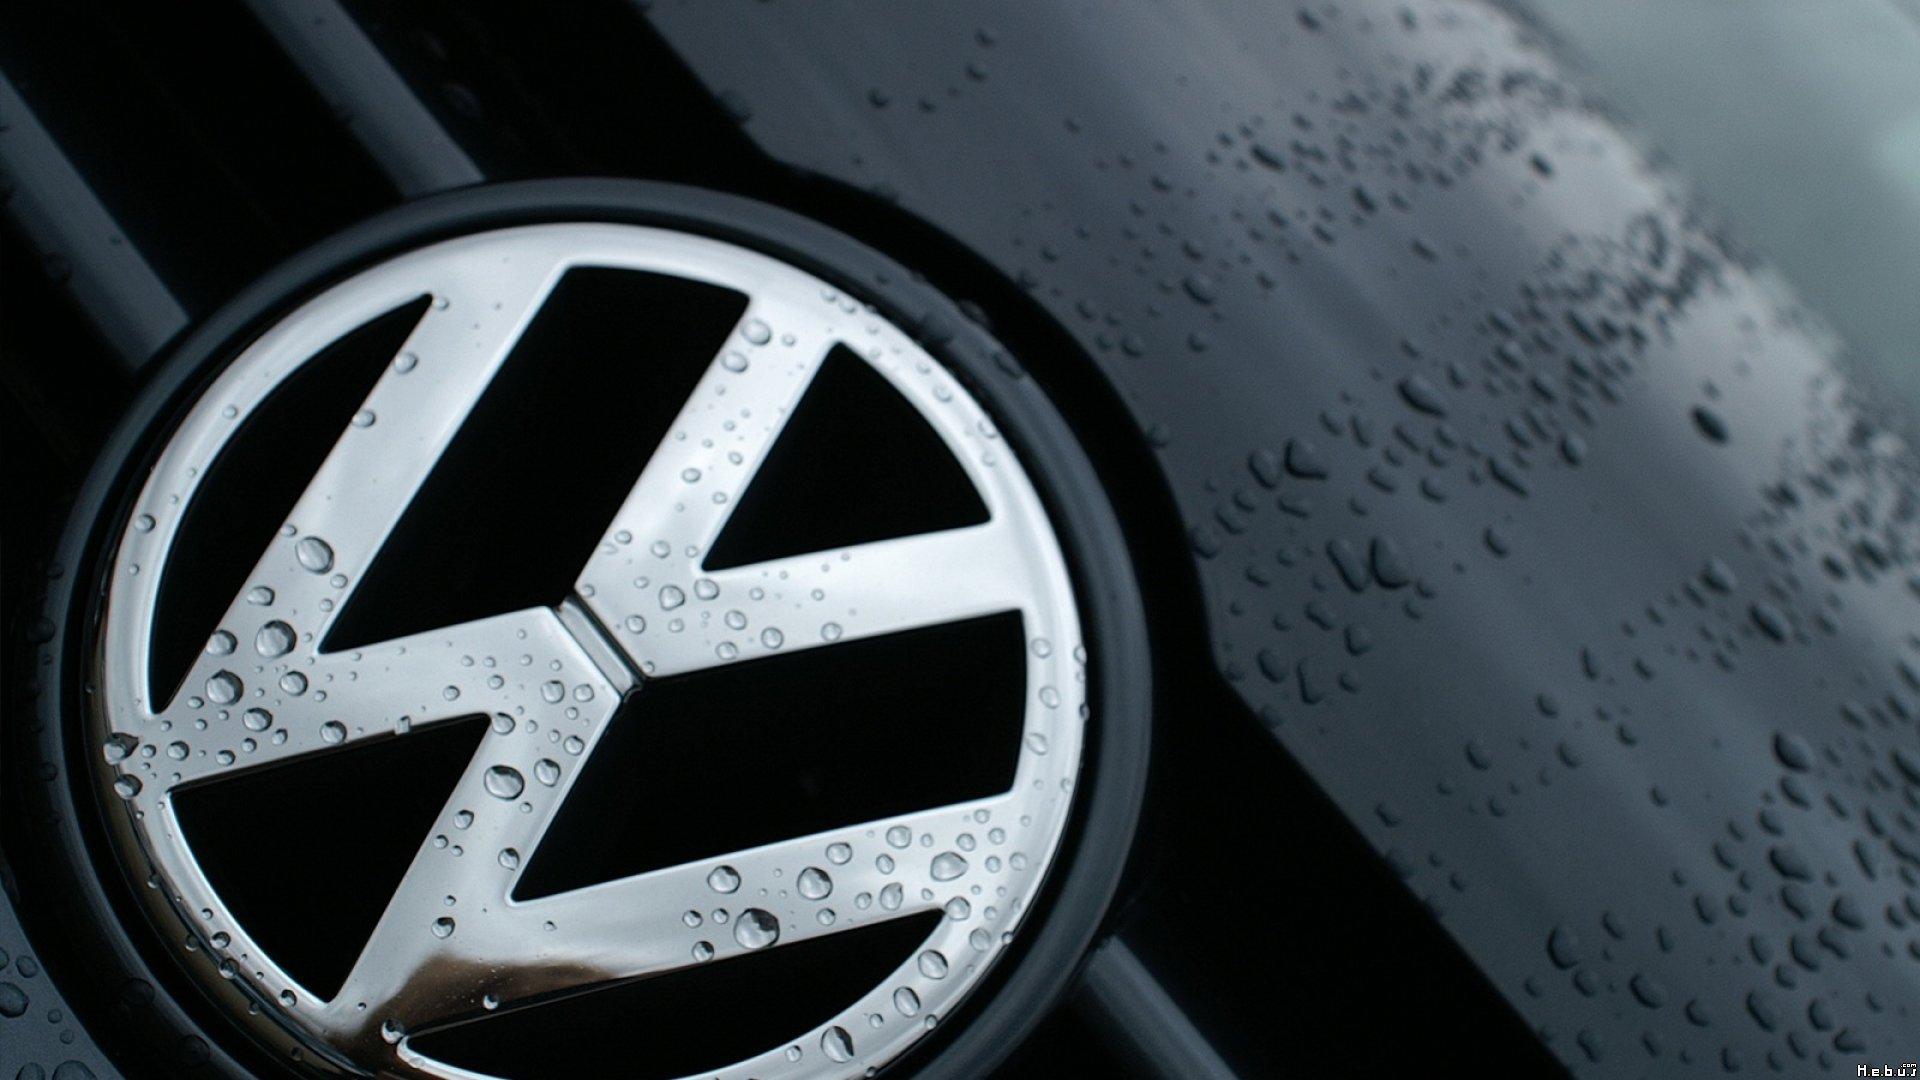 download Volkswagen Logo Wallpapers 2013 Vdub Newscom 1920x1080